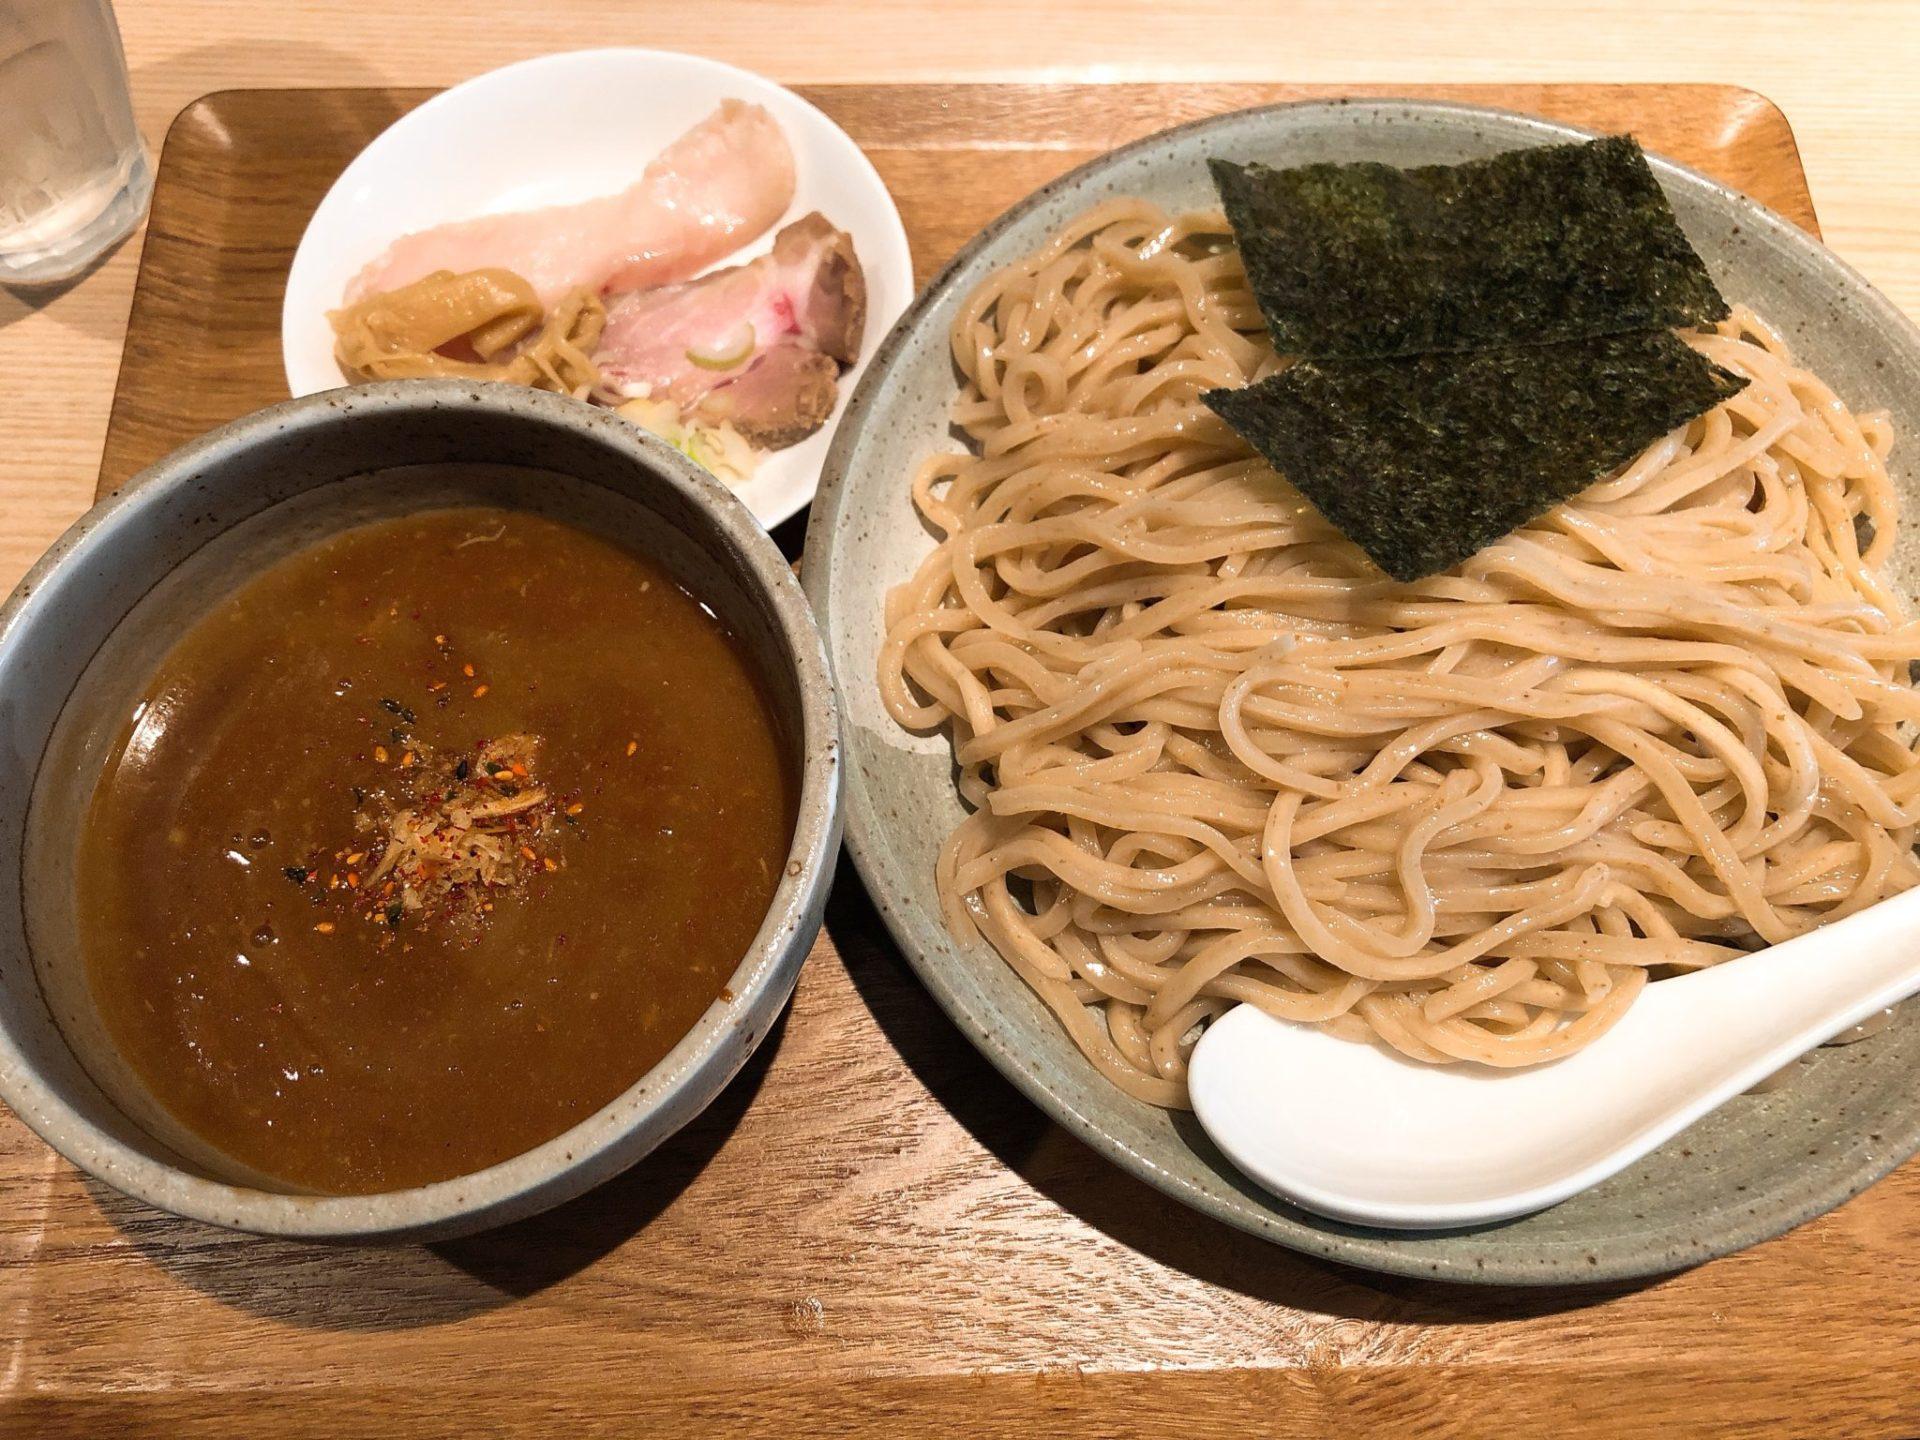 ボノボ 梅ヶ丘の渡り蟹のつけ麺